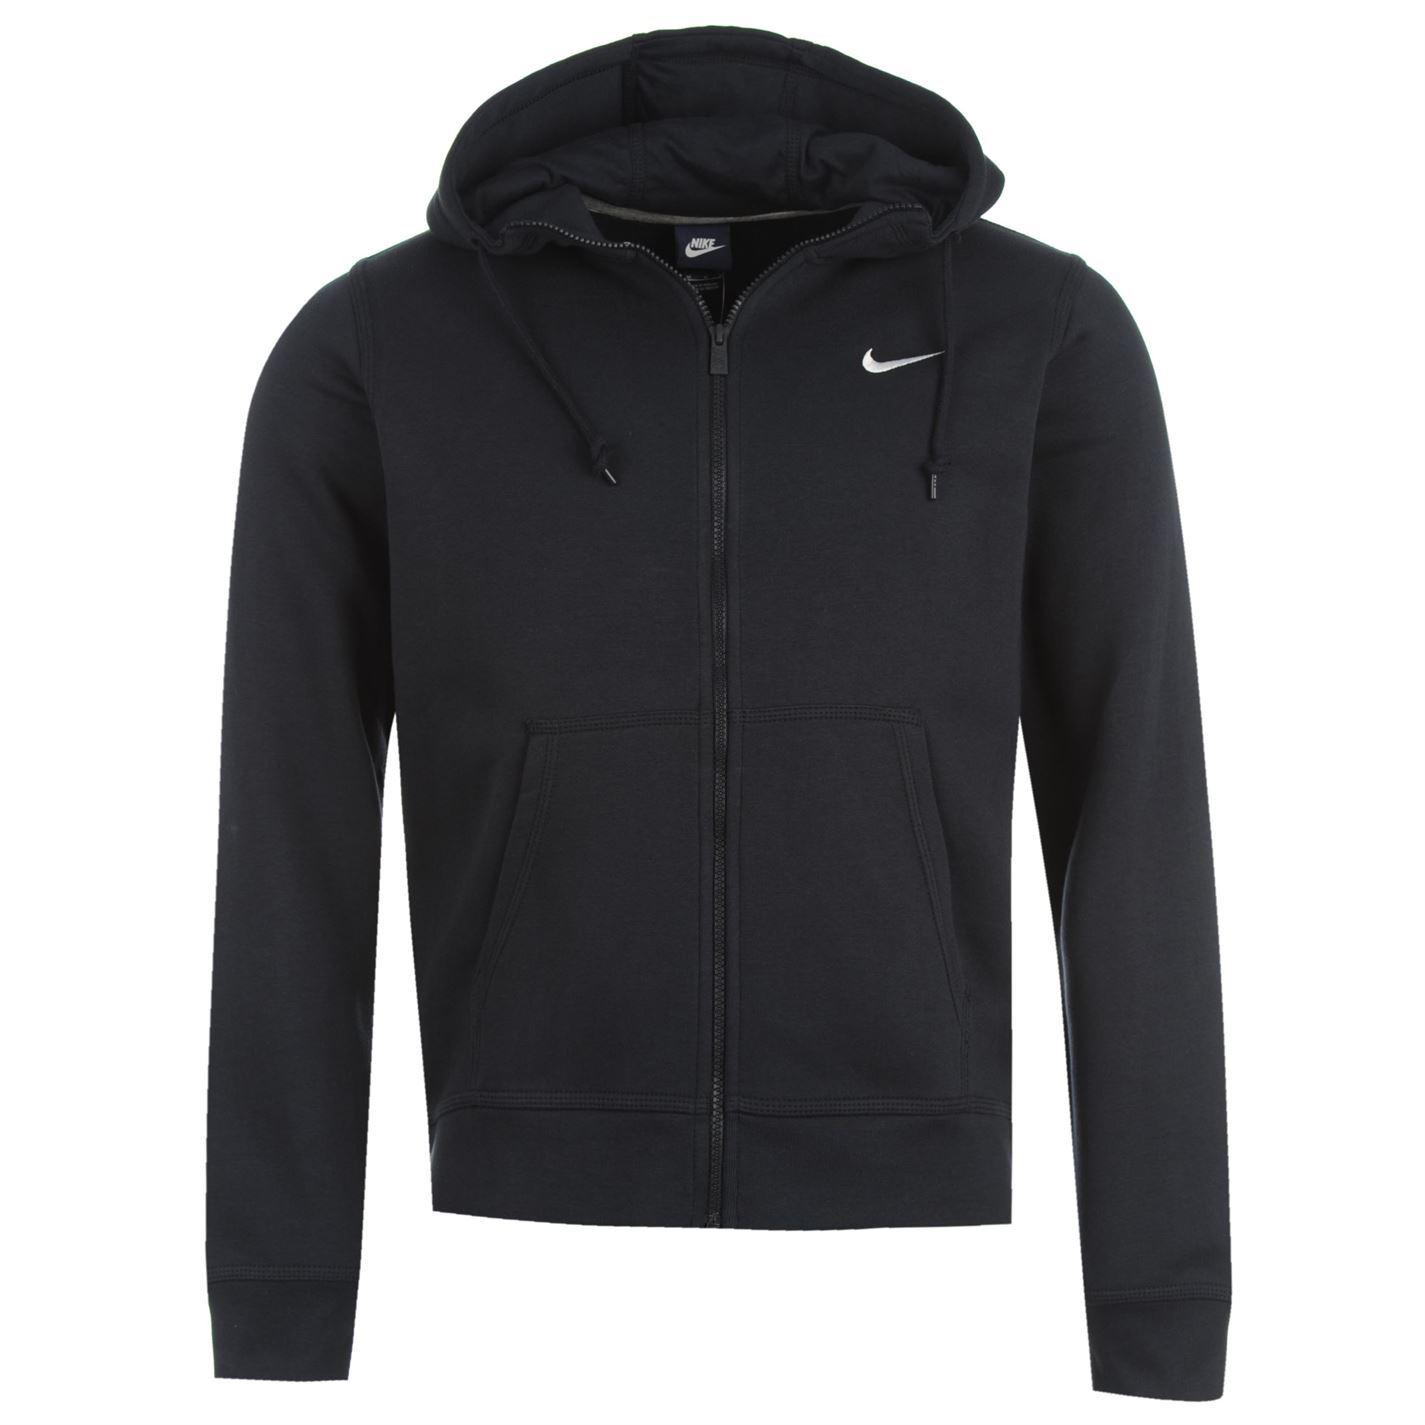 Nike-Fundamentals-Full-Zip-Hoody-Jacket-Mens-Hoodie-Sweatshirt-Sweater-Top thumbnail 8